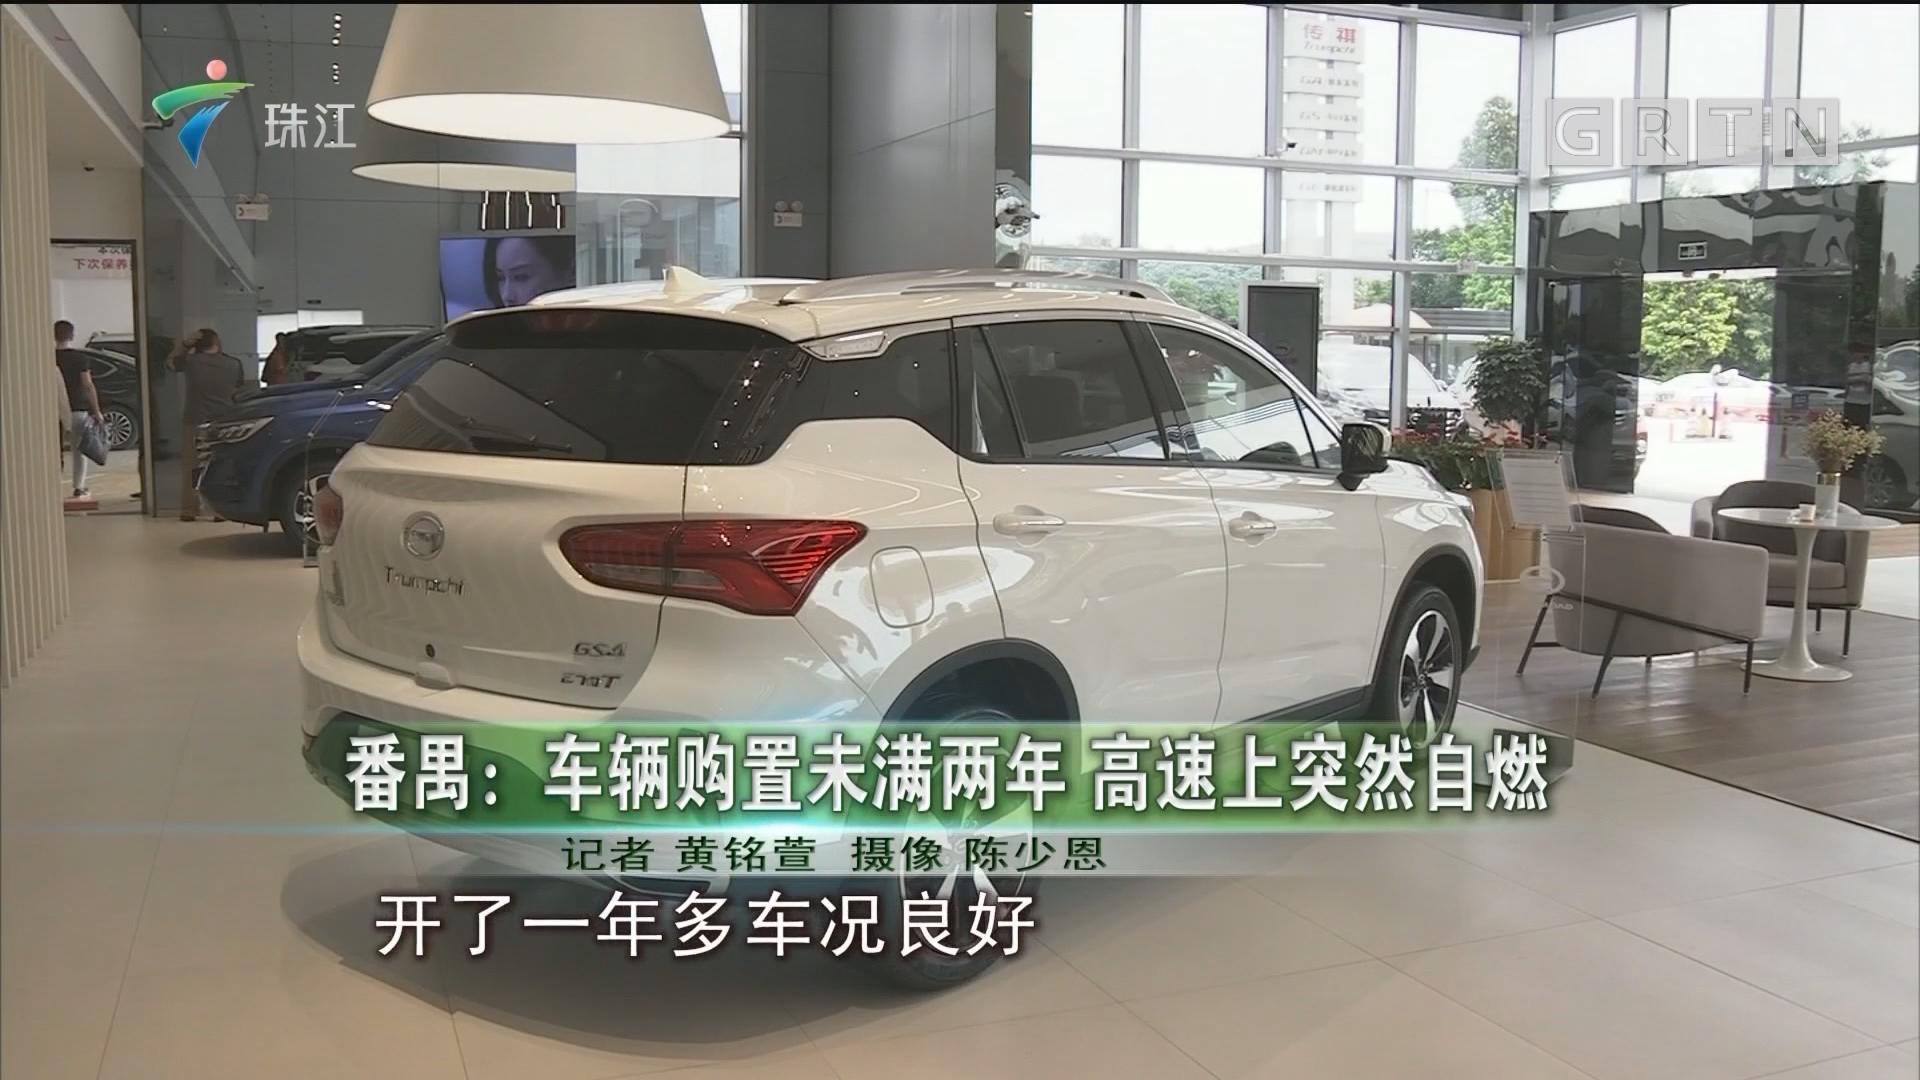 番禺:車輛購置未滿兩年 高速上突然自燃